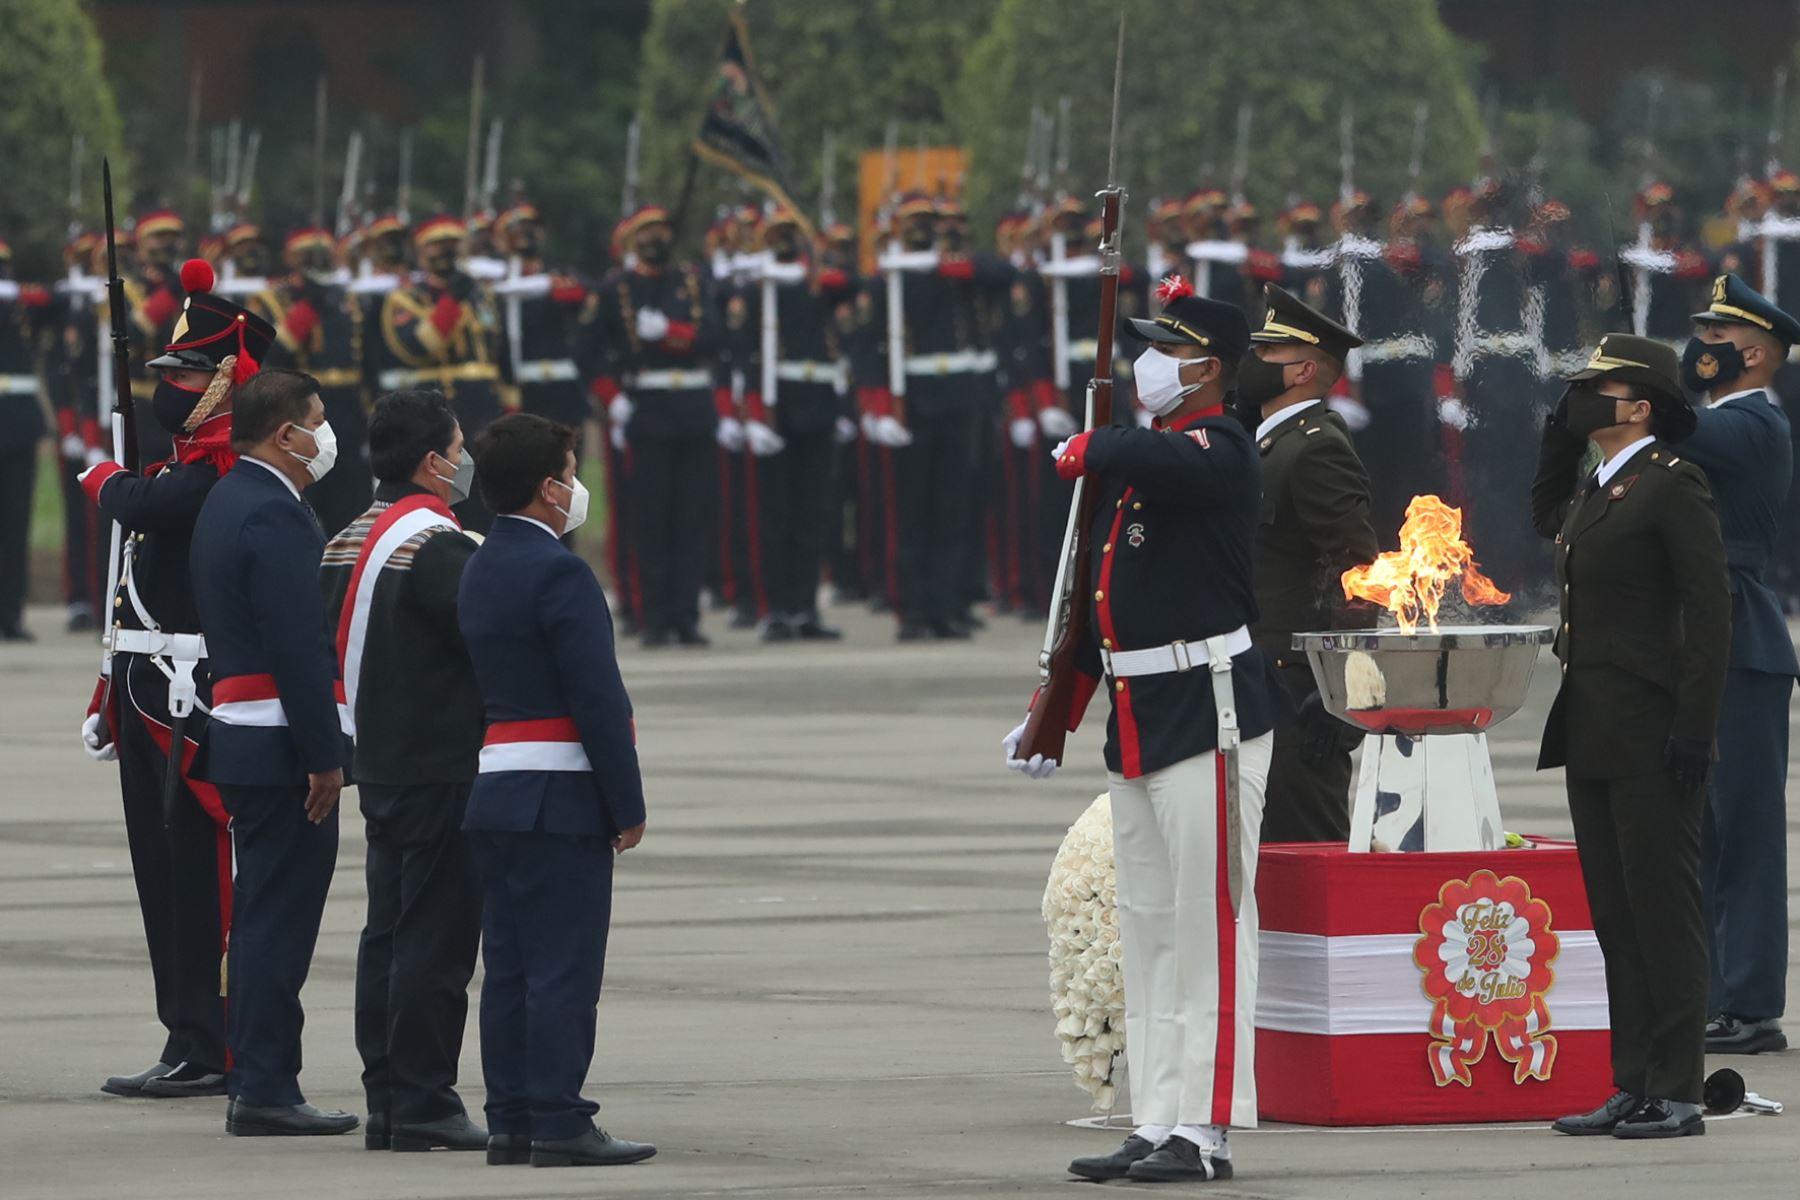 El presidente de la República, Pedro Castillo, asiste al desfile militar por Fiestas Patrias y en el marco del Bicentenario de la Independencia nacional. Foto: ANDINA/ Carla Patiño